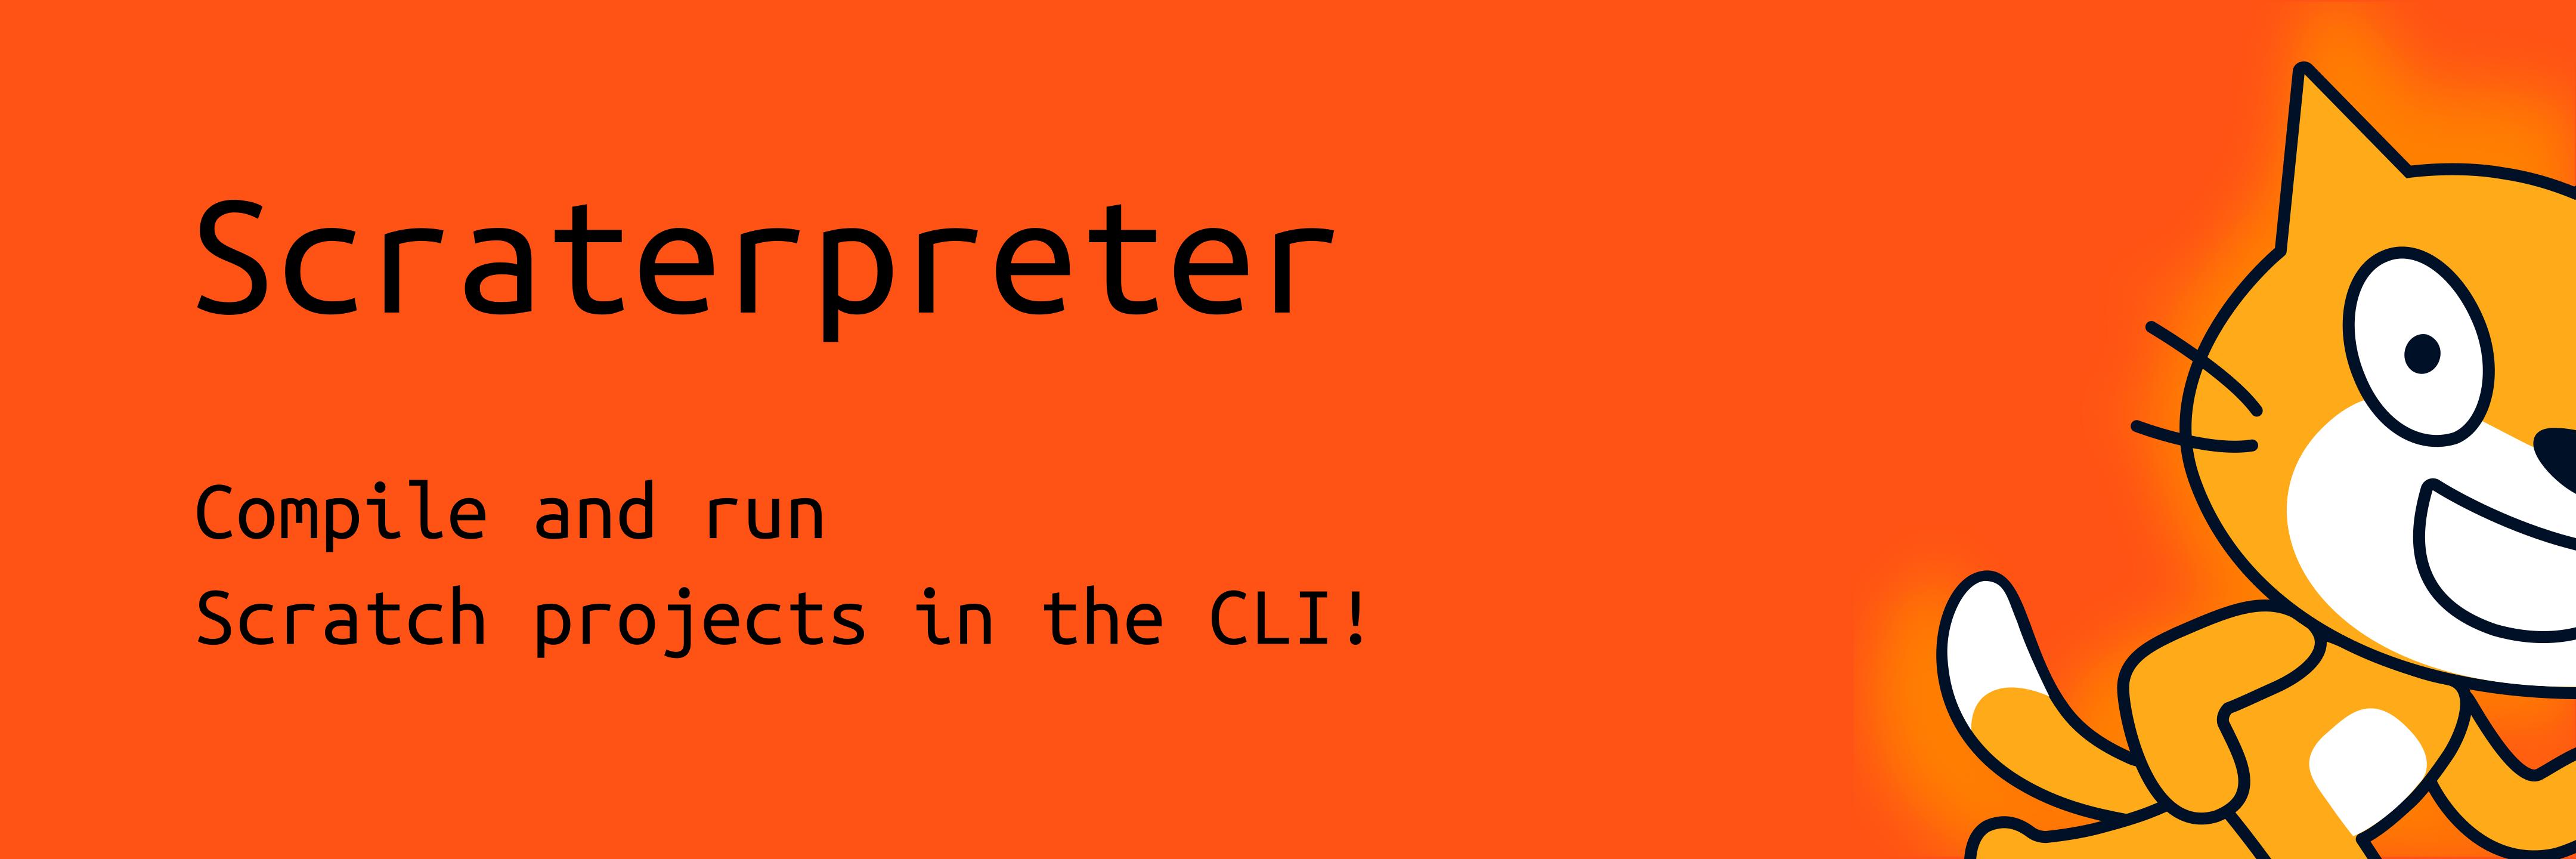 Scraterpreter banner